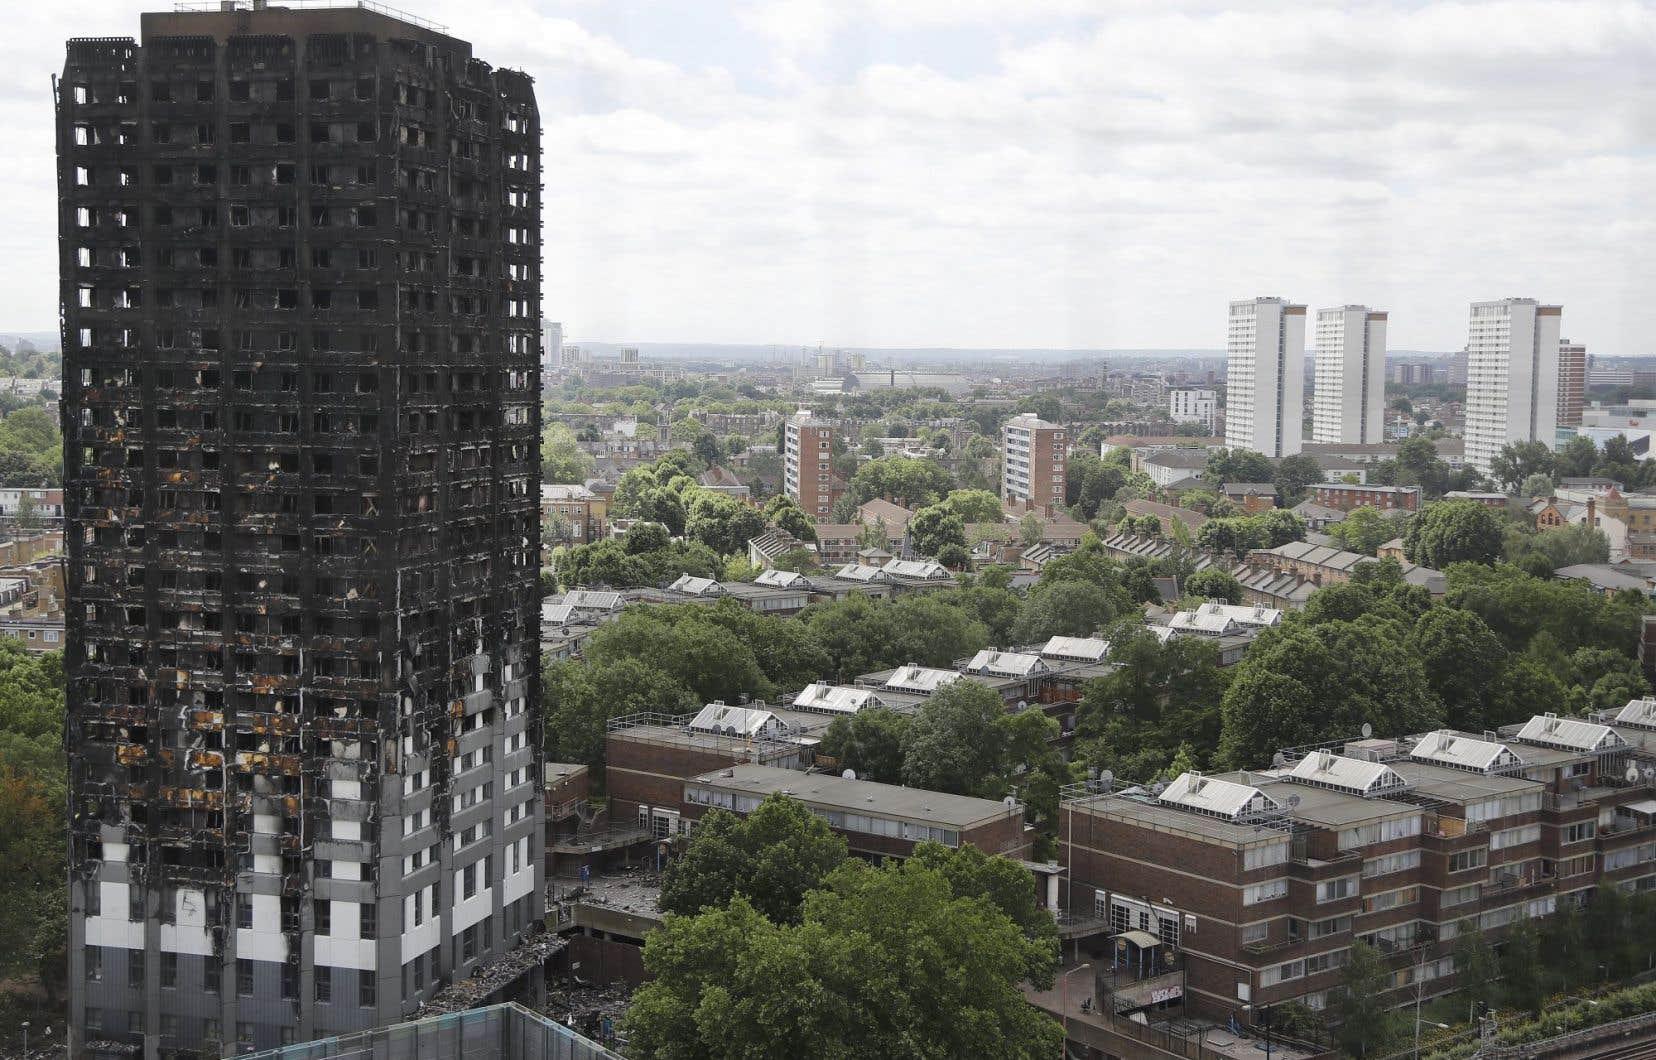 Le congélateur d'un réfrigérateur pourrait être la cause de l'incendie de la tour Grenfell, selon les enquêteurs britanniques.